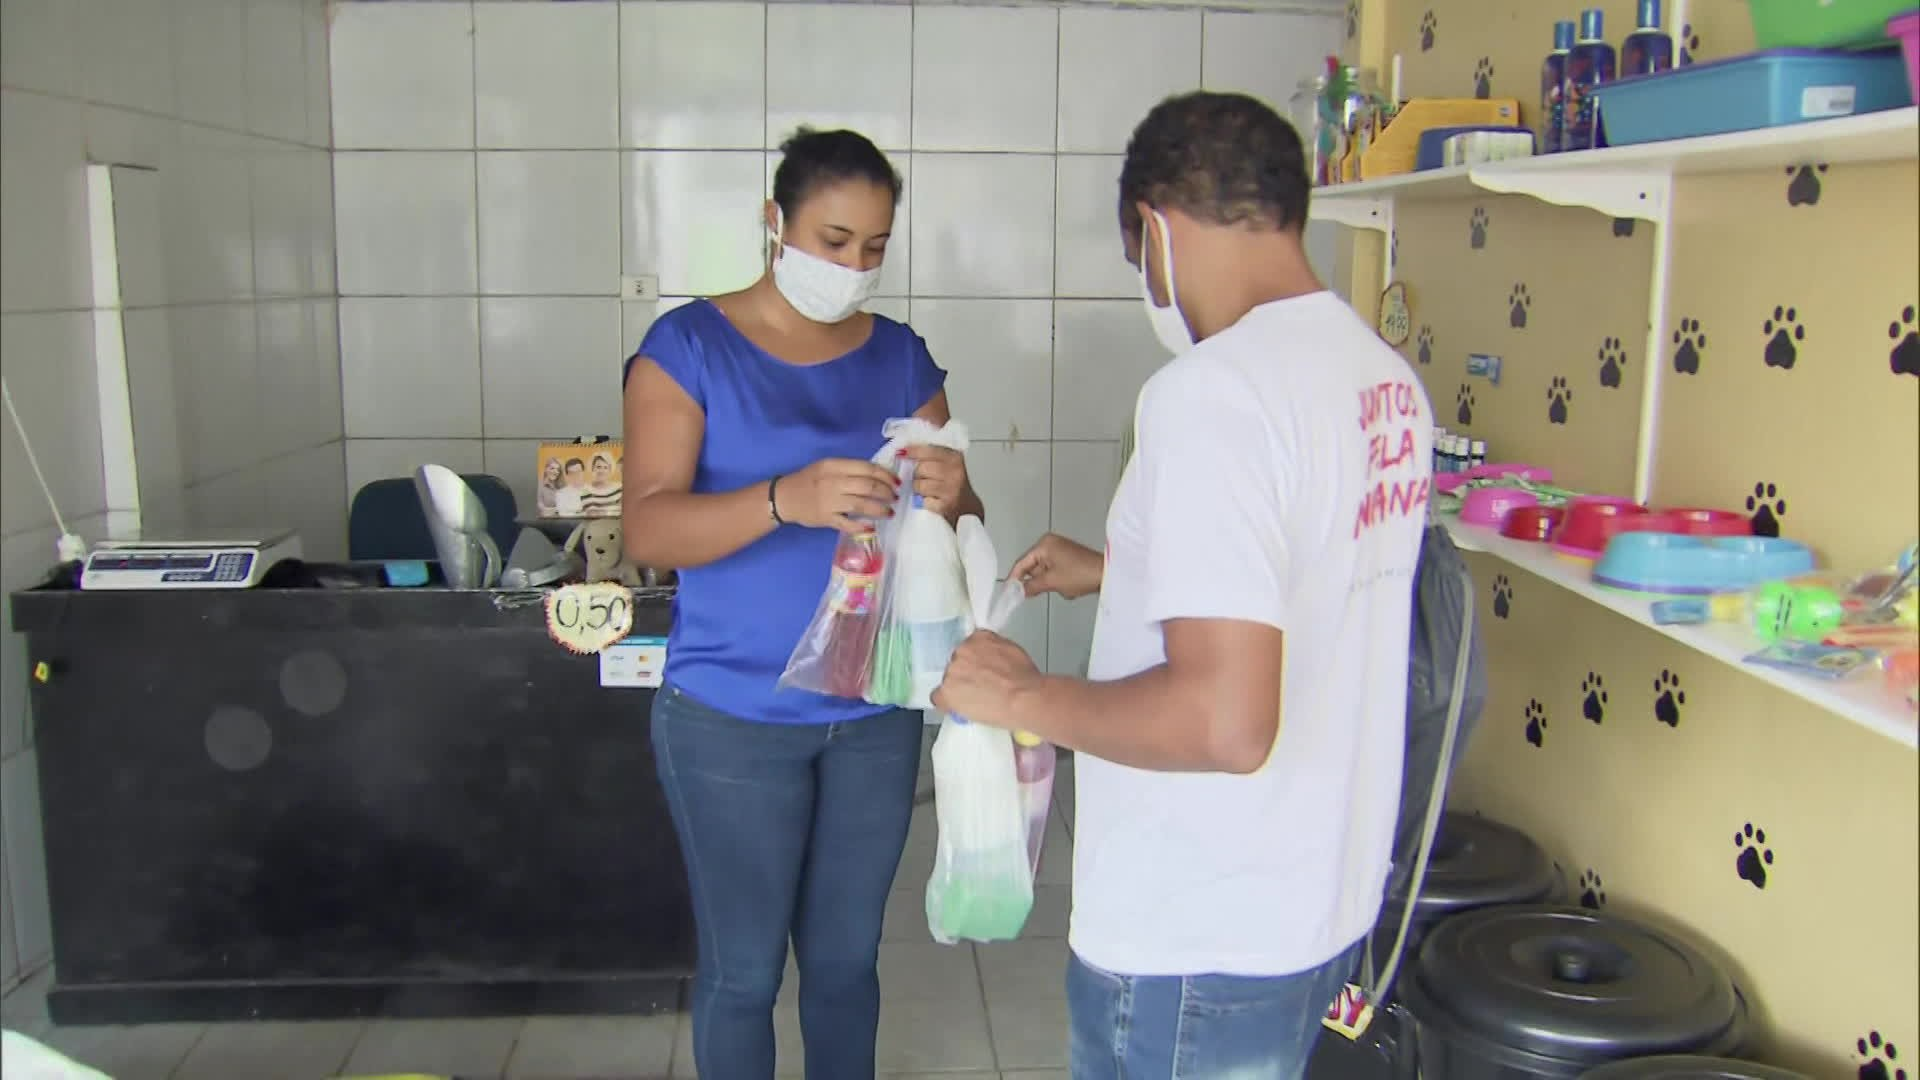 Moradores de comunidades do Recife se unem para entregar kits de limpeza a comerciantes